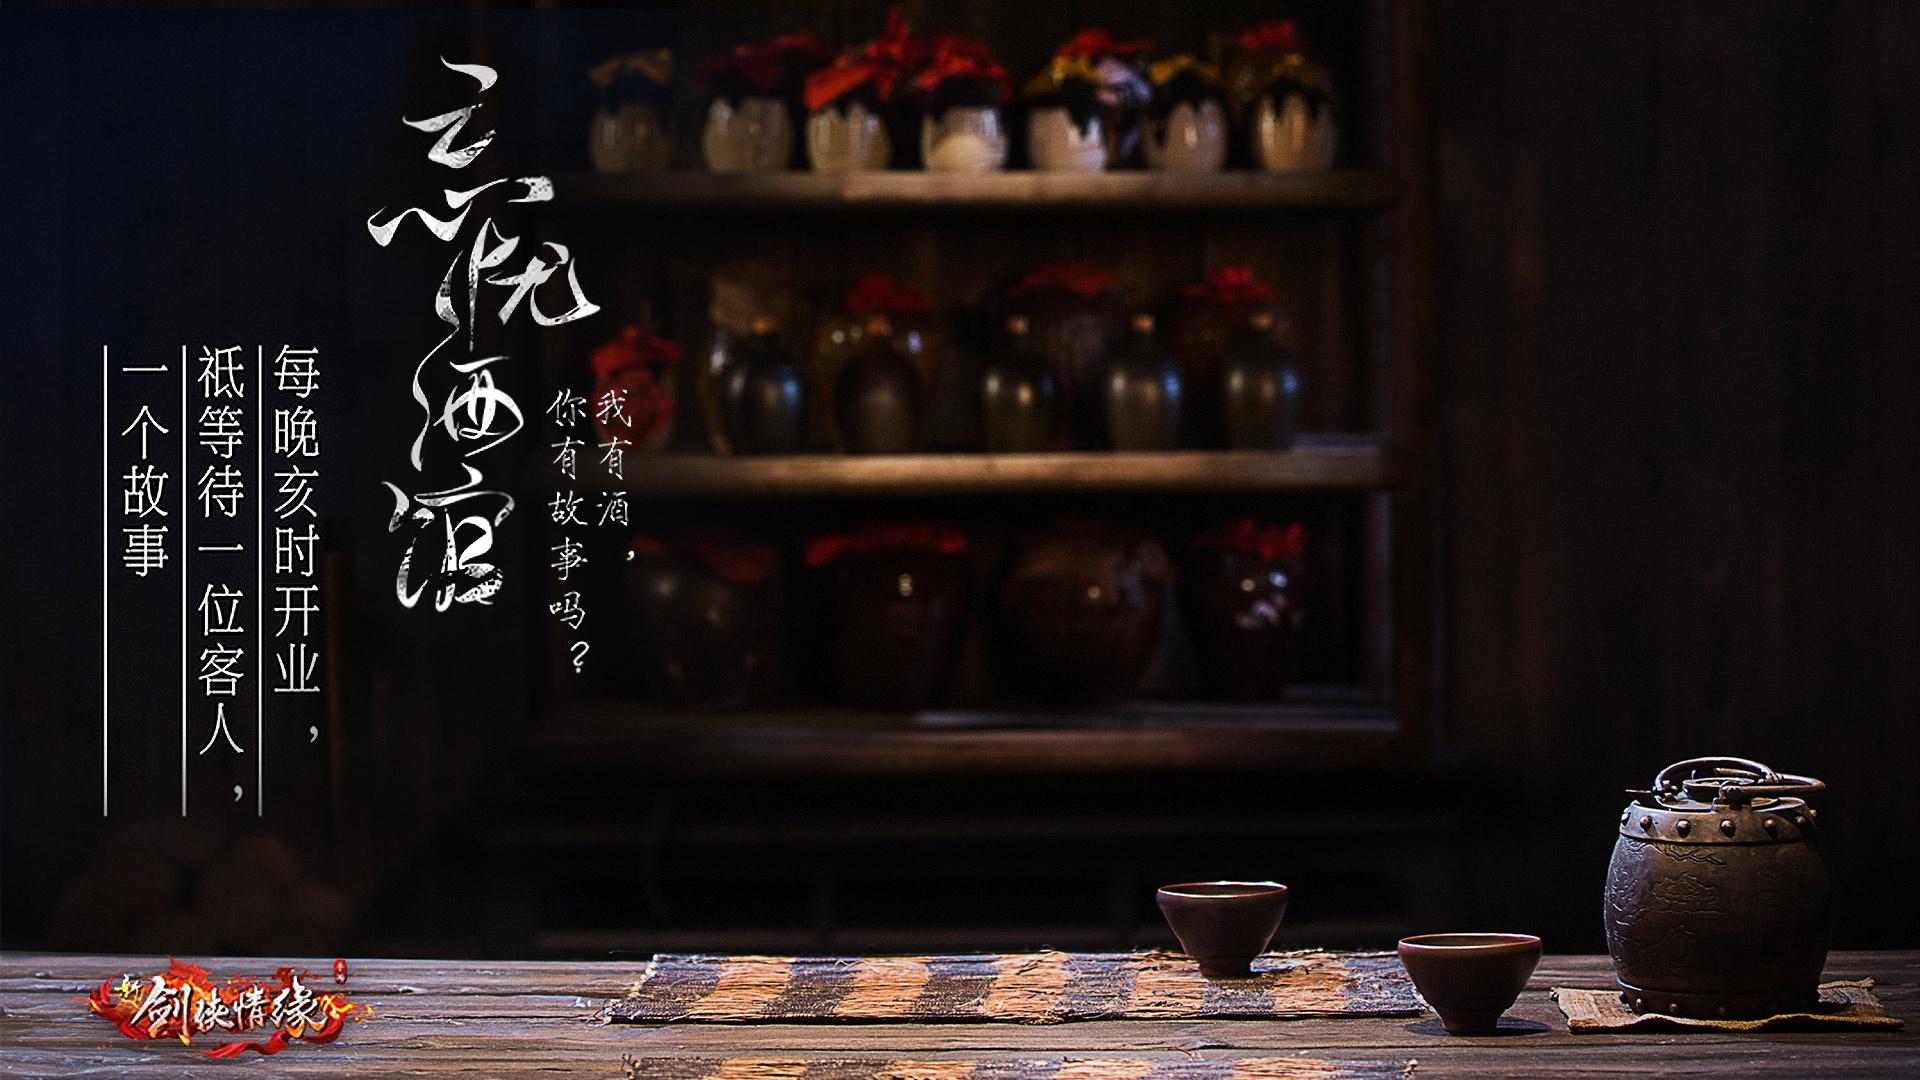 小电影在线看_忘忧酒馆第一季-踏歌行_电影_高清1080P在线观看_腾讯视频